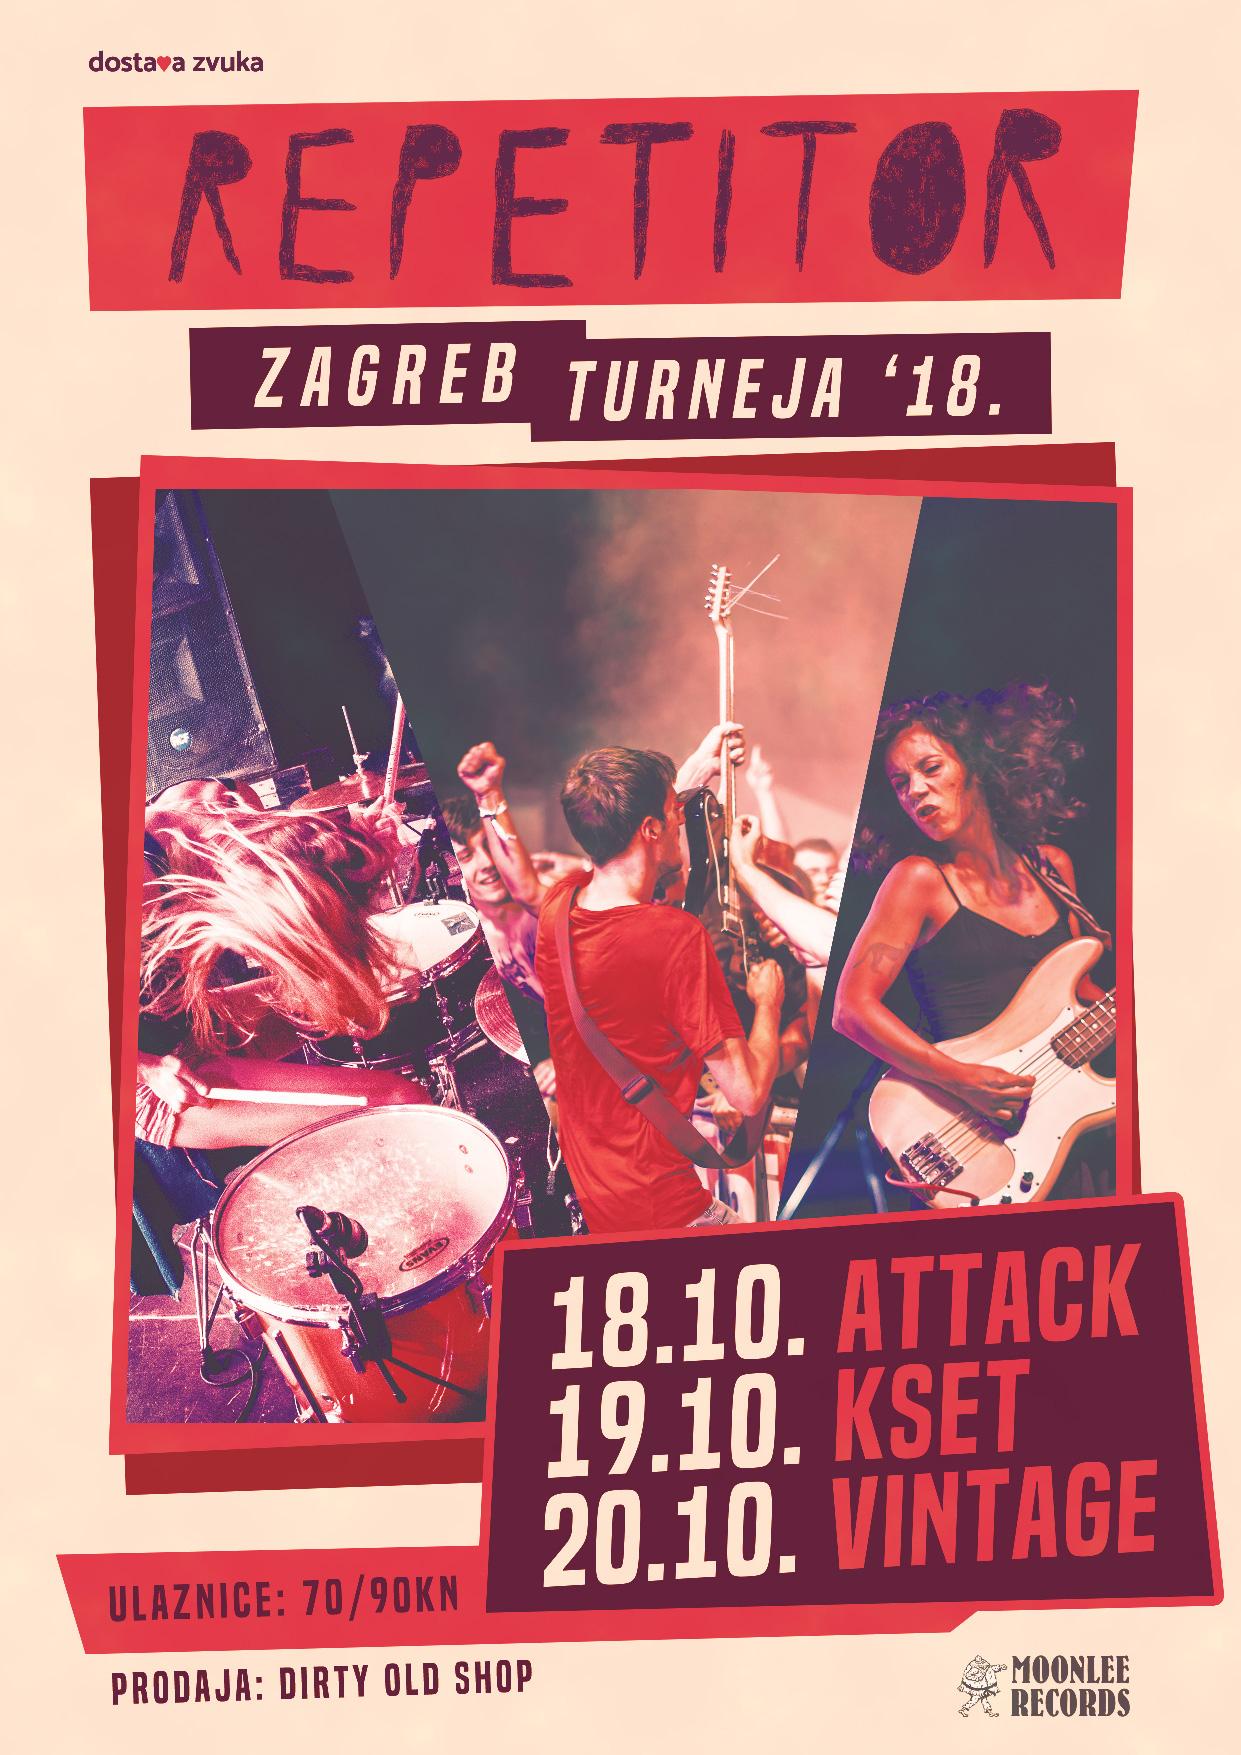 Repetitor_Zagreb Tour_2